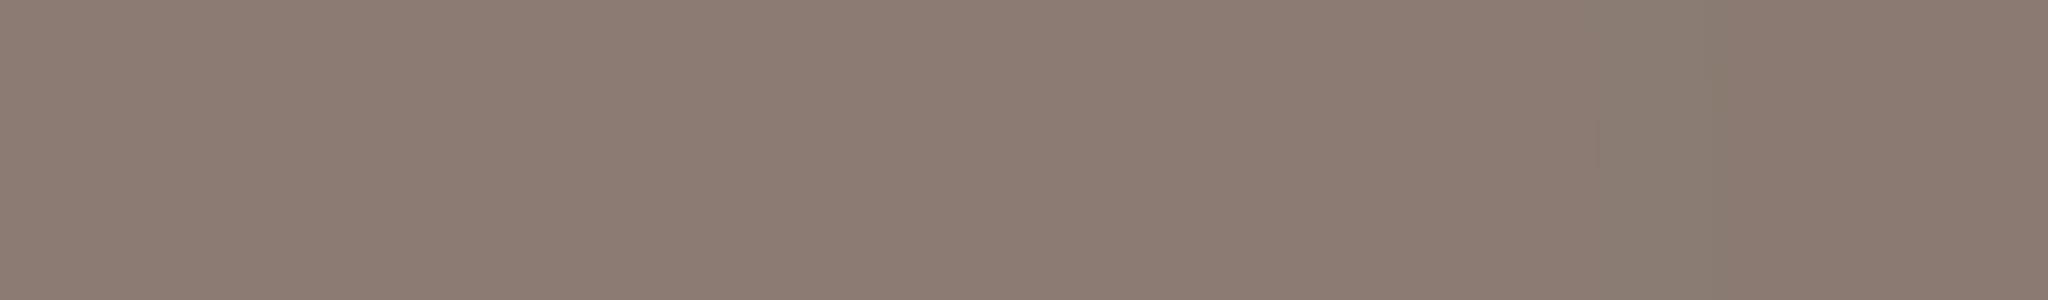 HU 189166 Кромка ABS Коричневый Гладкая Глянцевая 90°